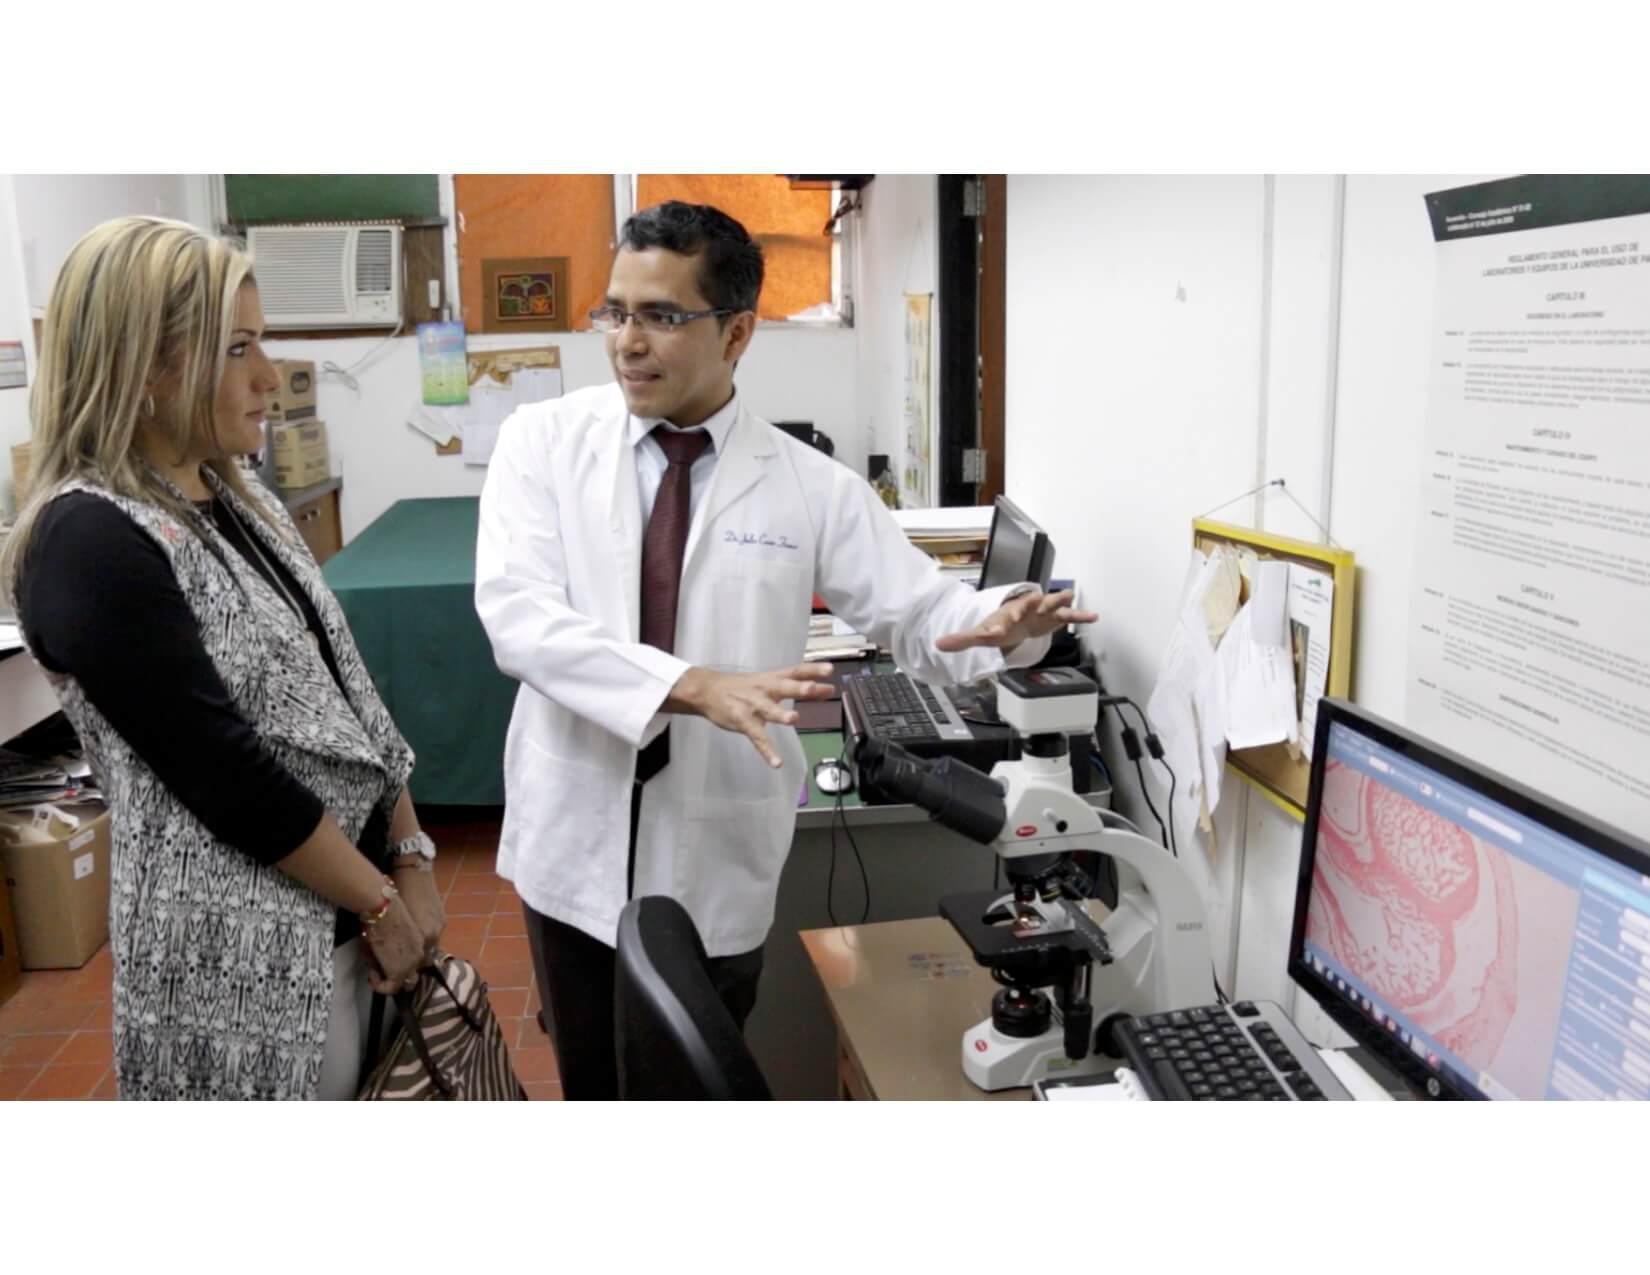 Laboratorios de la Facultad de Medicina de la Universidad de Panamá se renuevan con ayuda del IFARHU